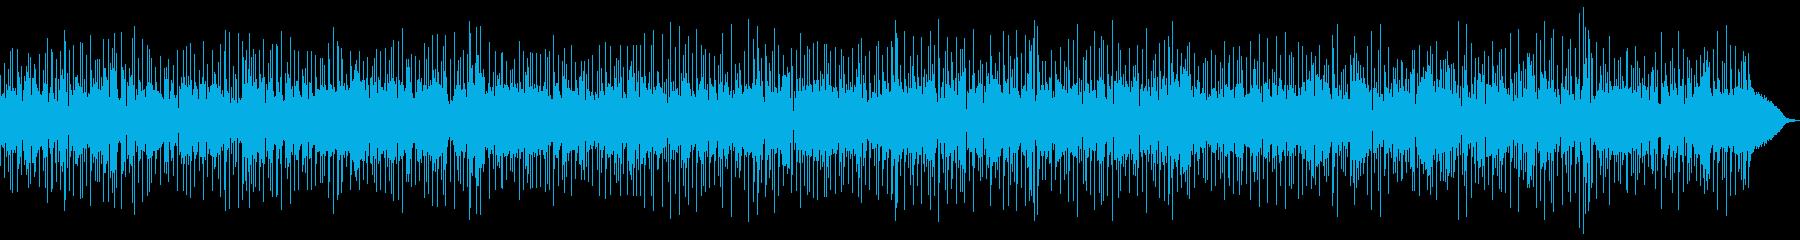 12月に元気になるBGMの再生済みの波形